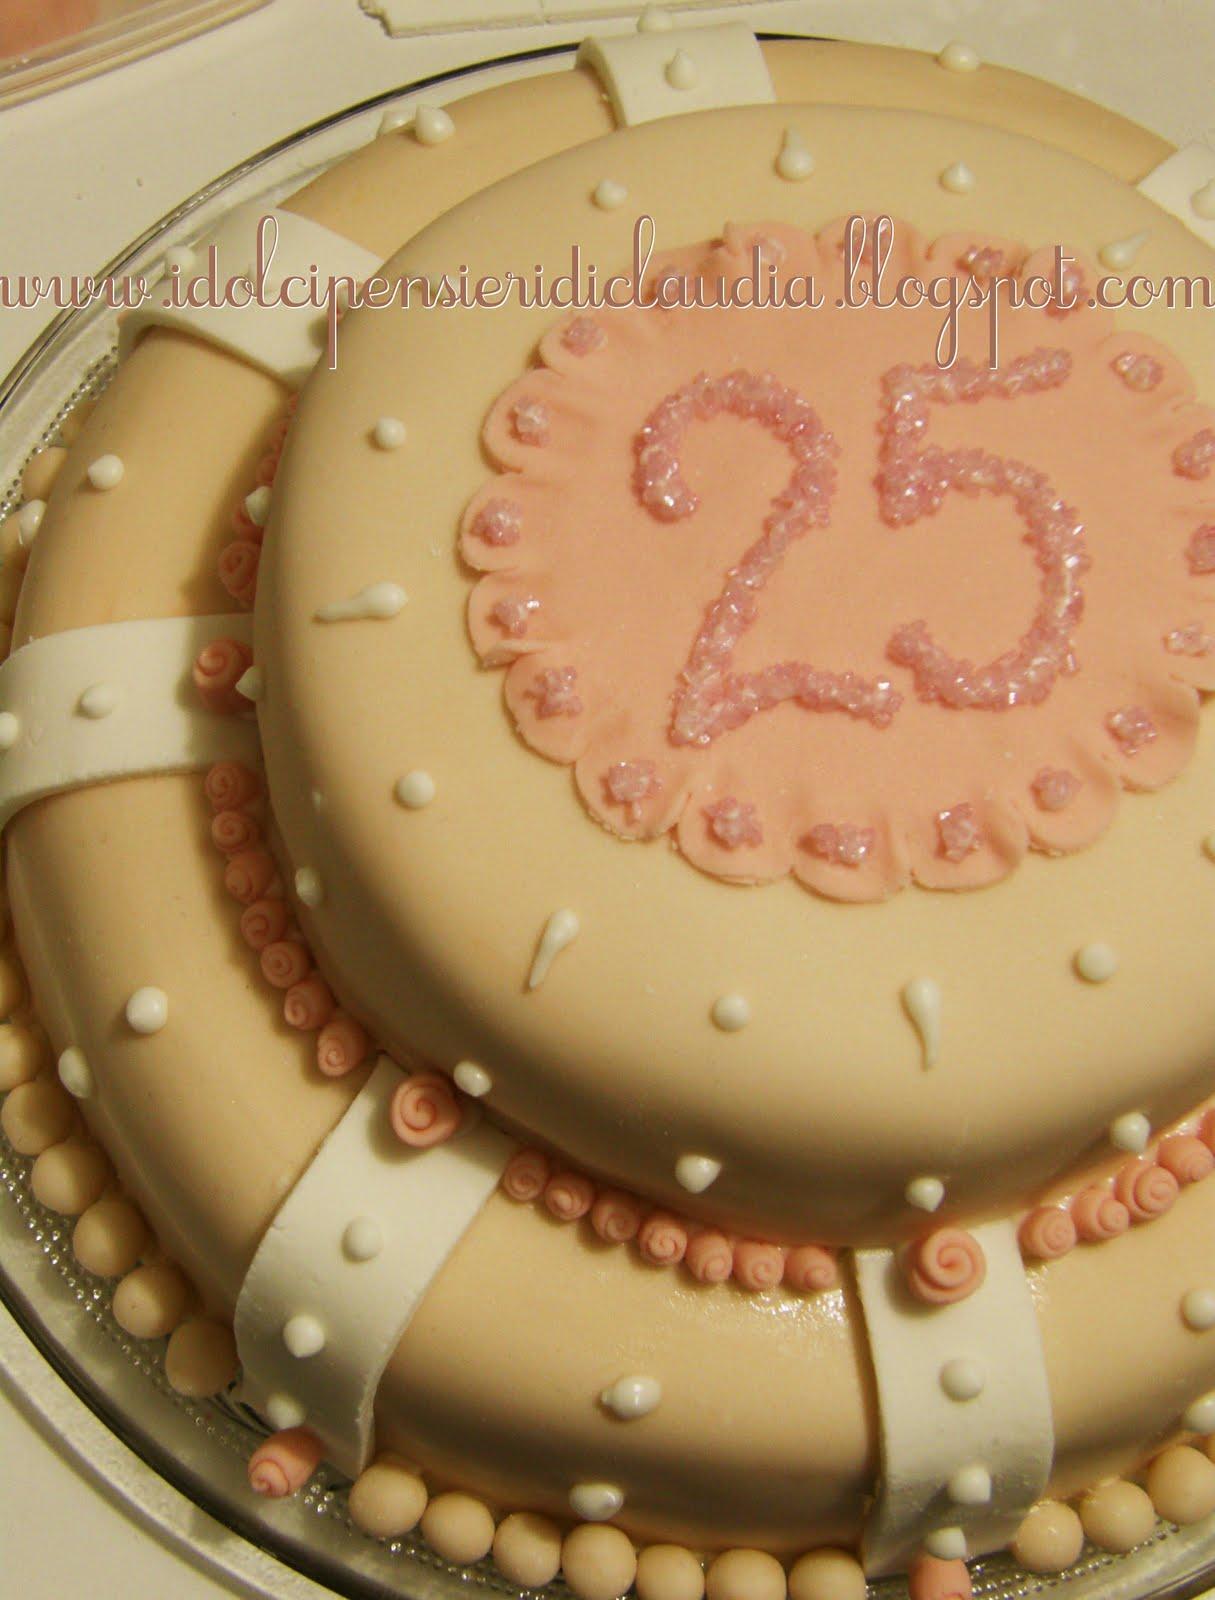 I dolci pensieri di claudia 25 anniversario di matrimonio for Pensieri per 25 anniversario di matrimonio